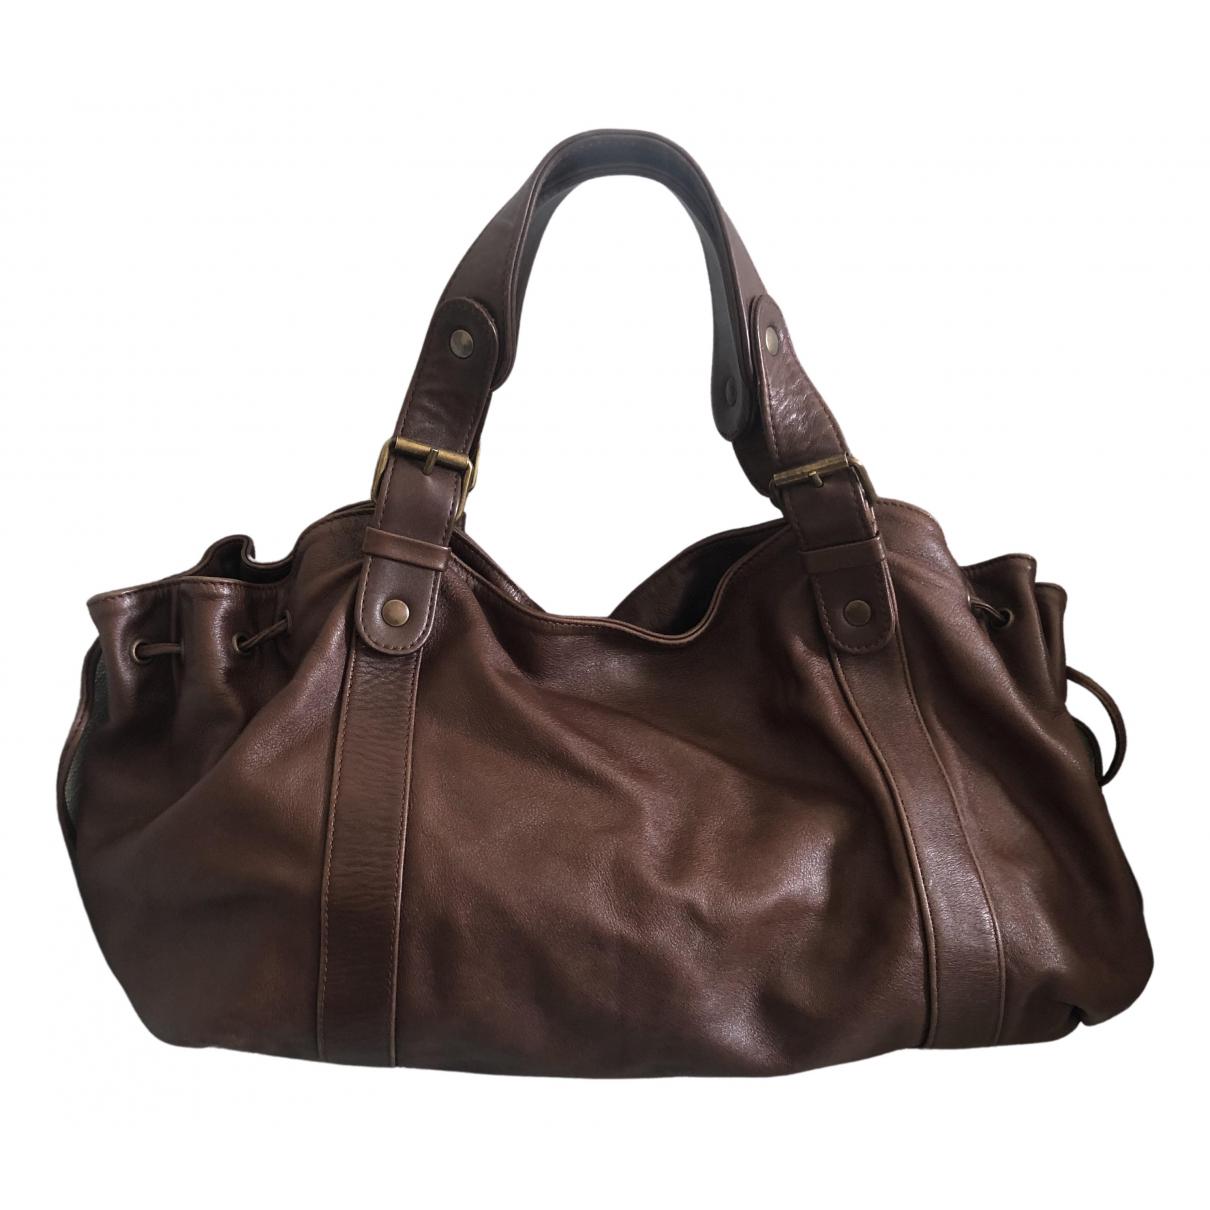 Gerard Darel 24h Brown Leather handbag for Women N